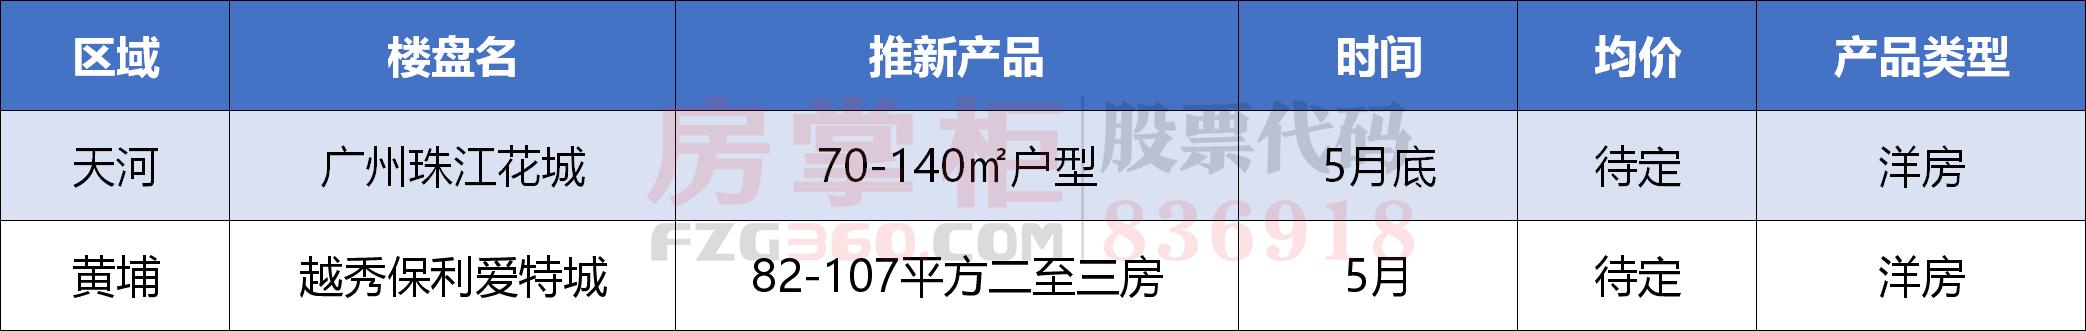 微信图片_20180430202058_副本.png